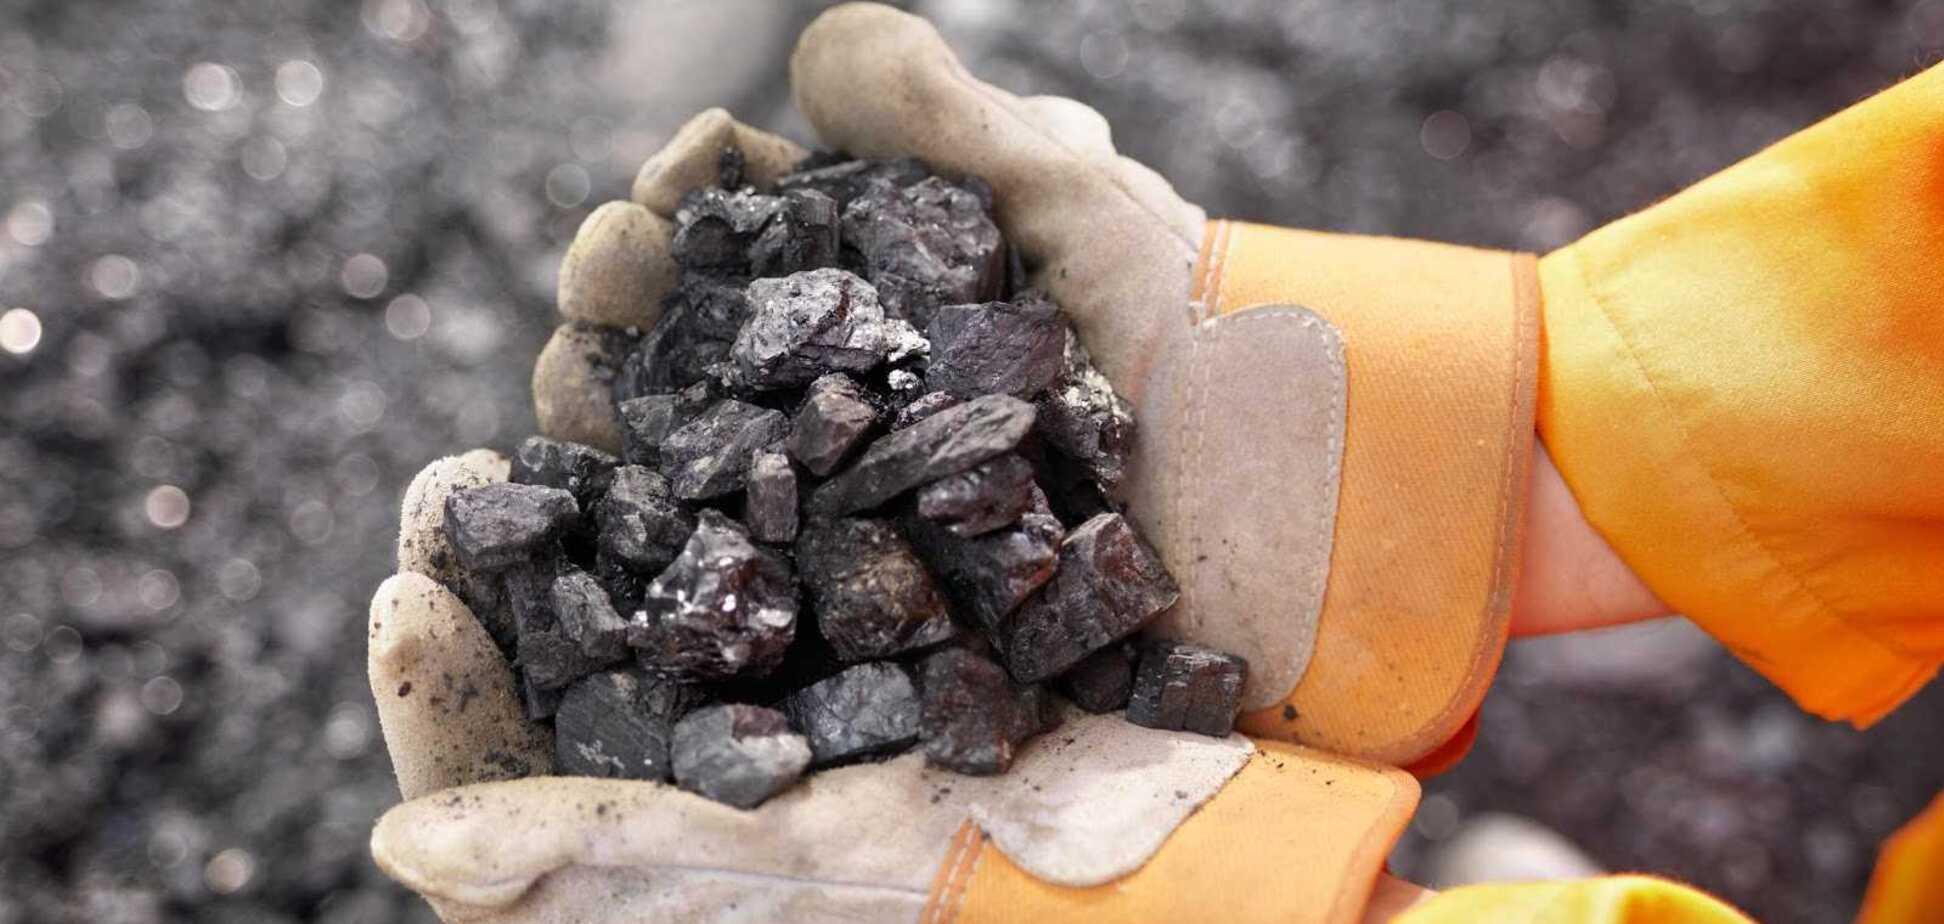 В 70 км от оккупированного Донецка Украина добывает коксующийся уголь: эксперты рассказали о сигнале для ОРДЛО